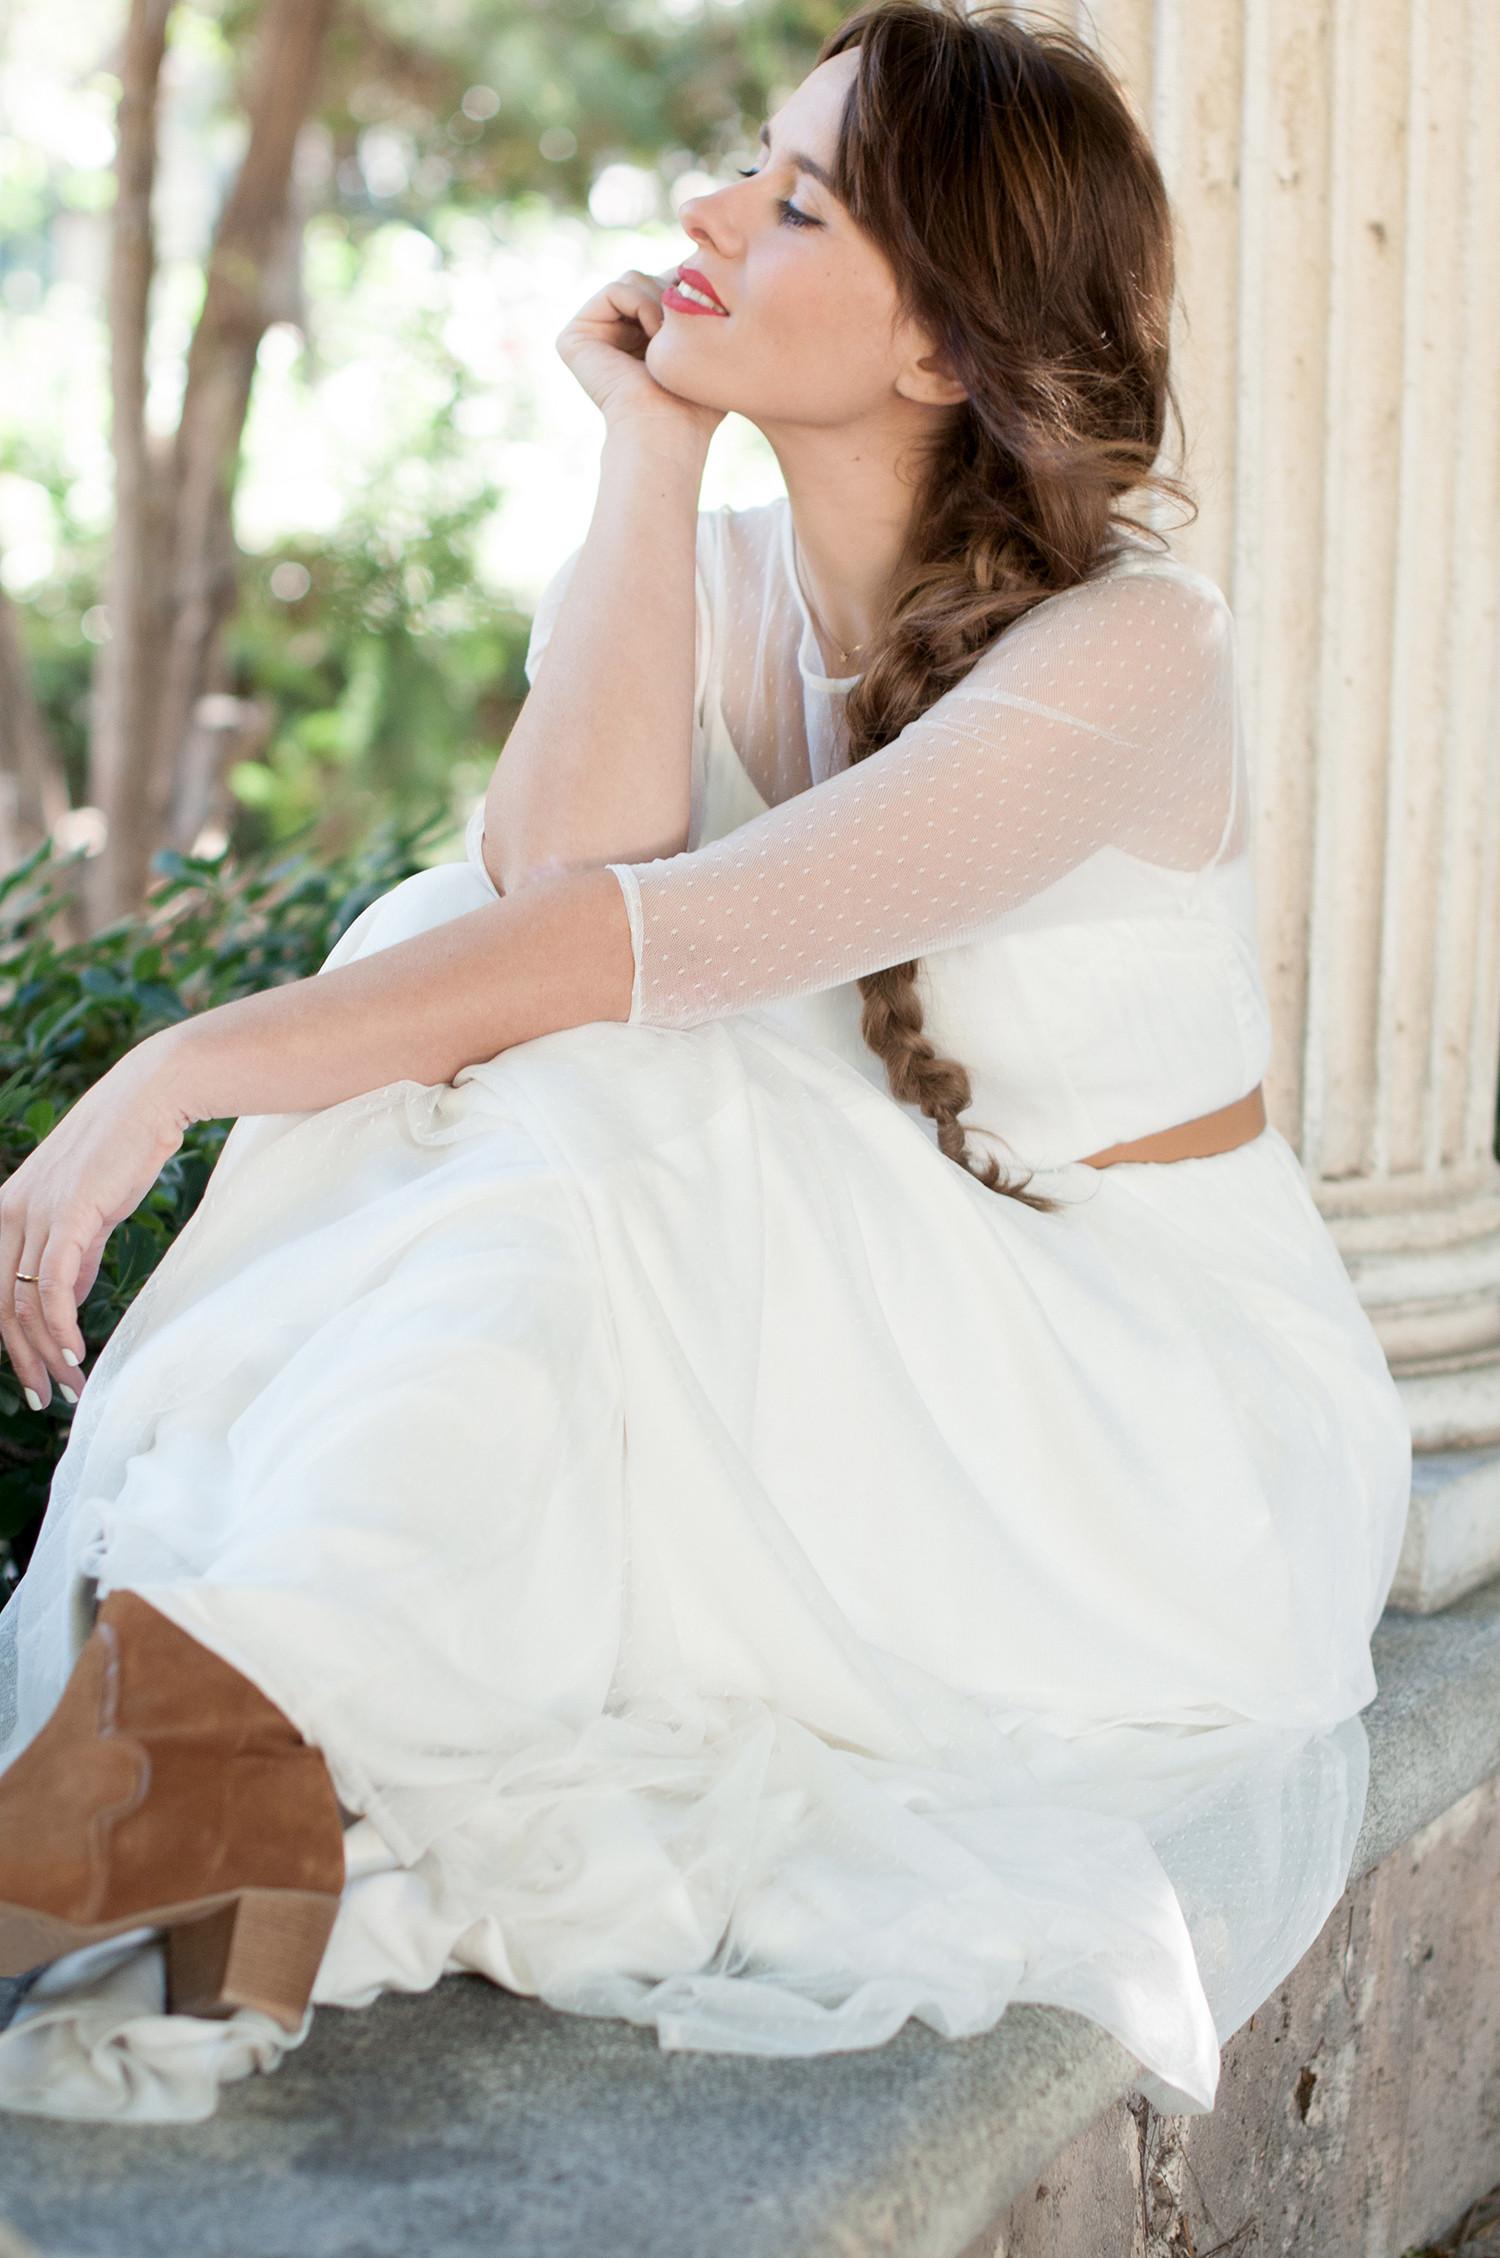 BRIDE AGAIN-13144-macarenagea